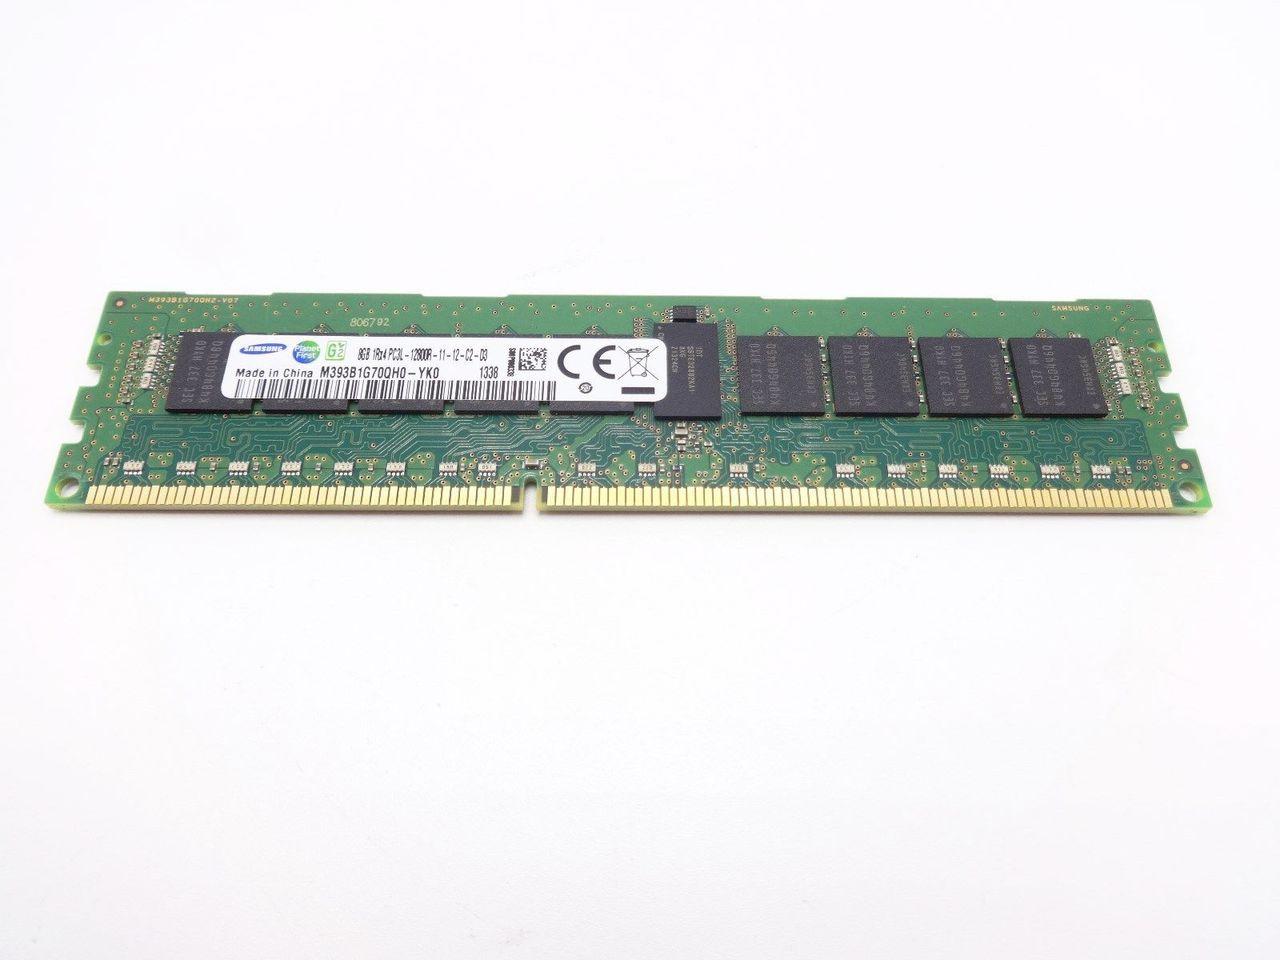 Samsung M393B1G70QH0-YK0